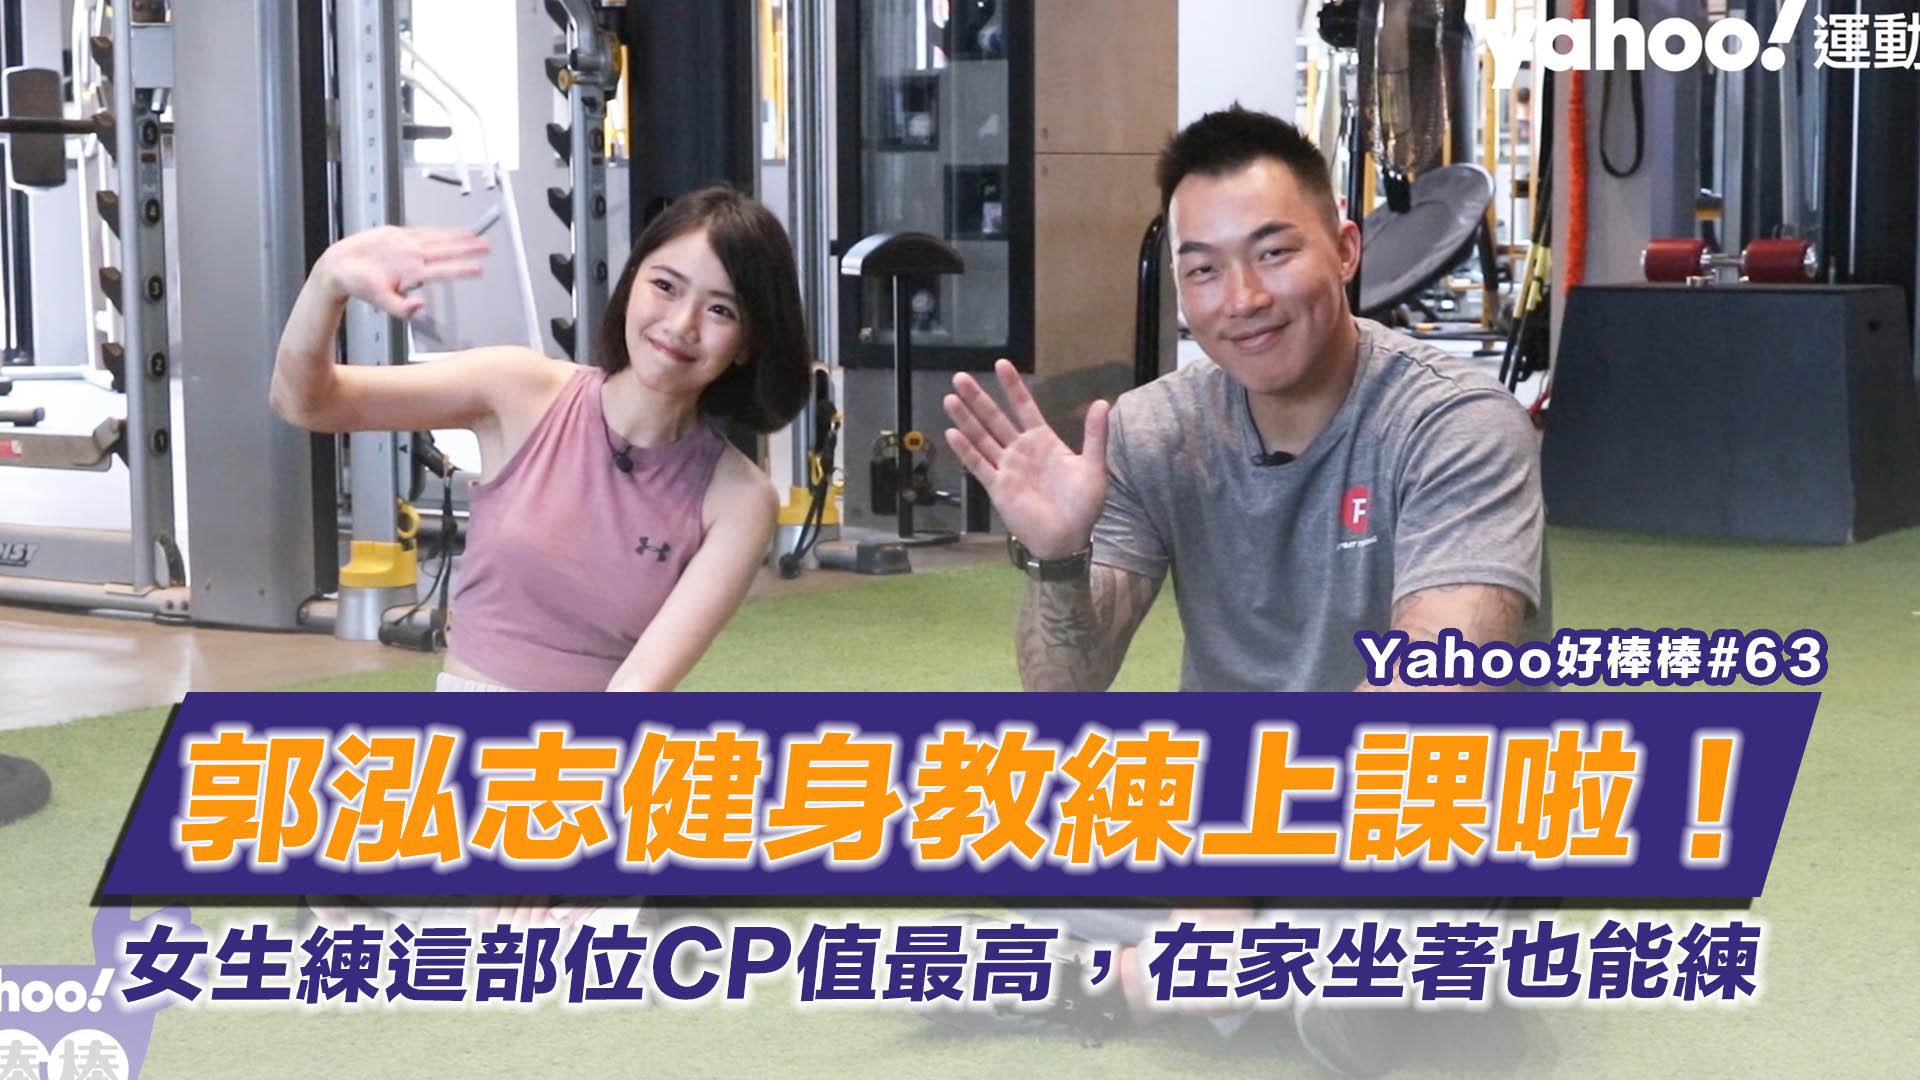 郭泓志健身教練上課啦!女生練這部位CP值最高,在家坐著也能練-Yahoo好棒棒#63